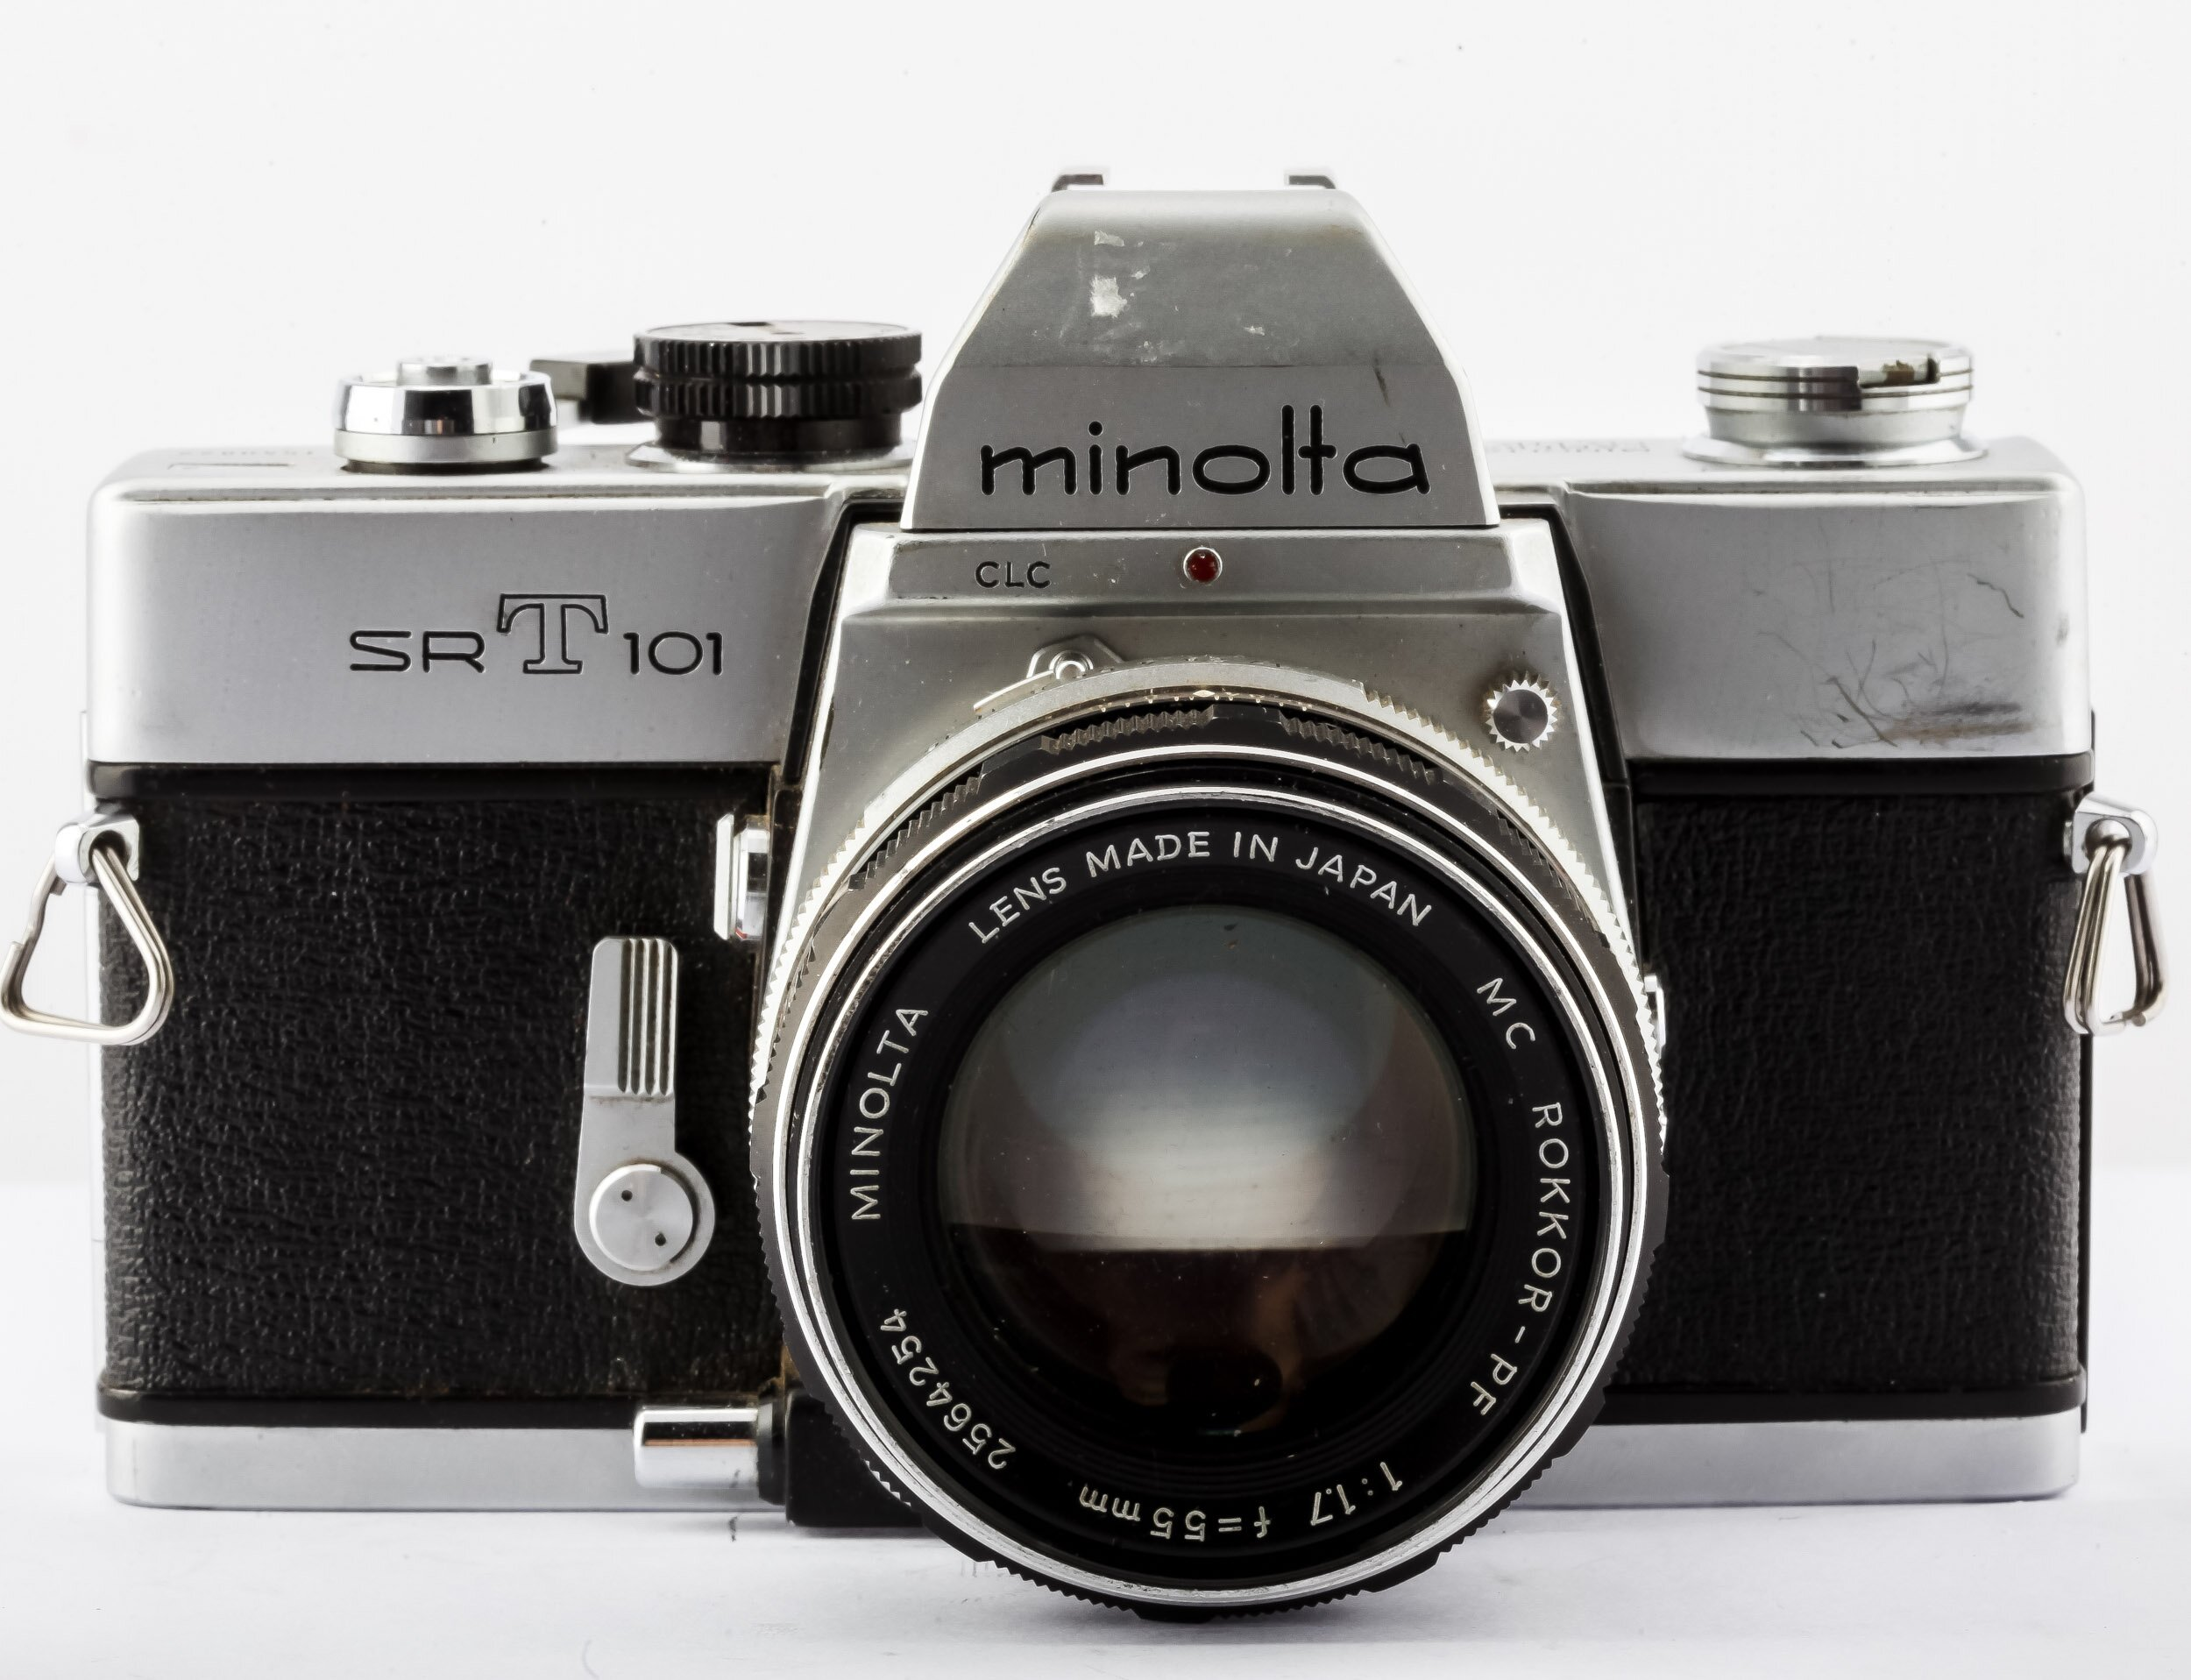 Minolta SRT101 + Minolta MC Rokkor-PF 1,7/55mm